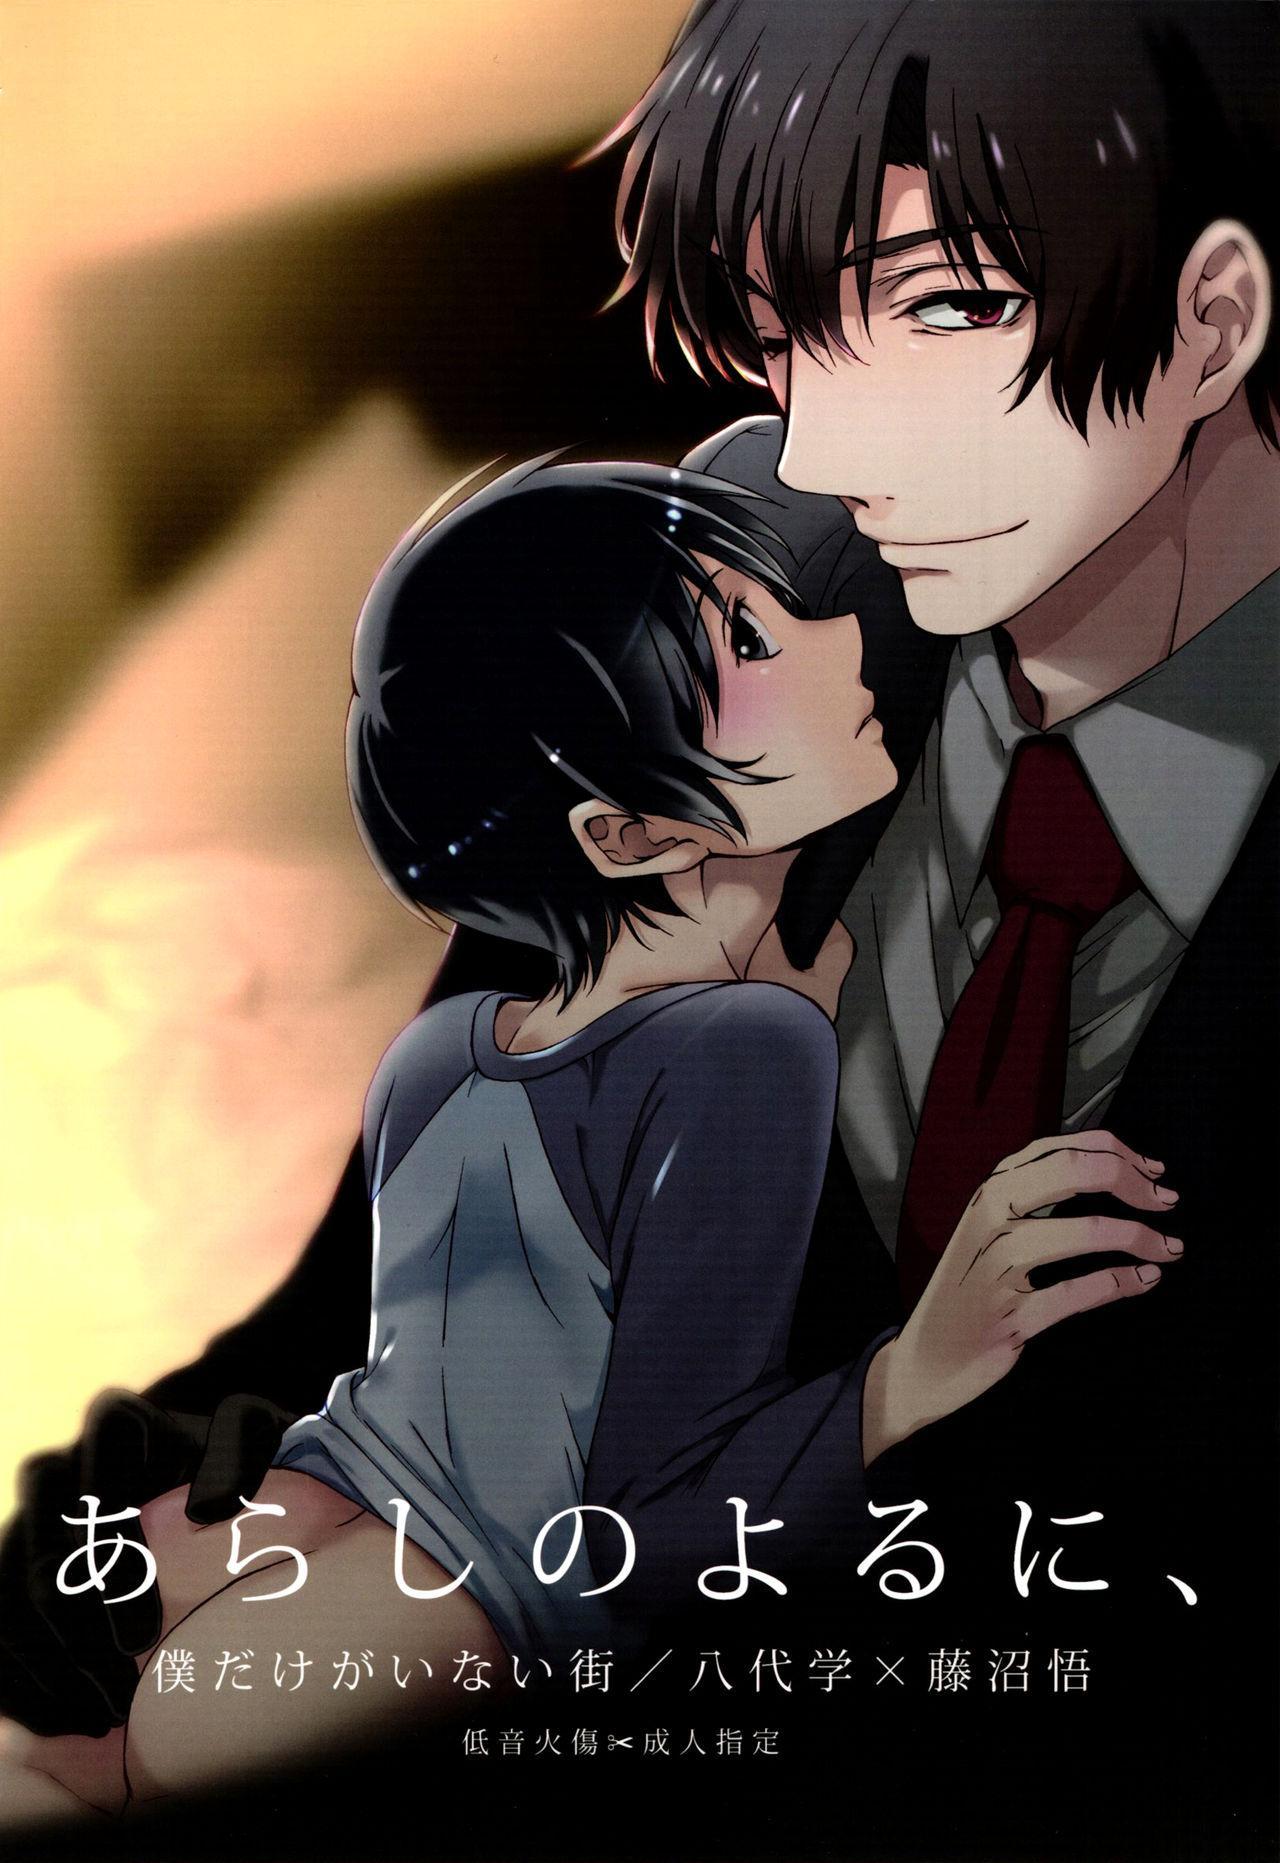 Arashi no Yoru ni, 0